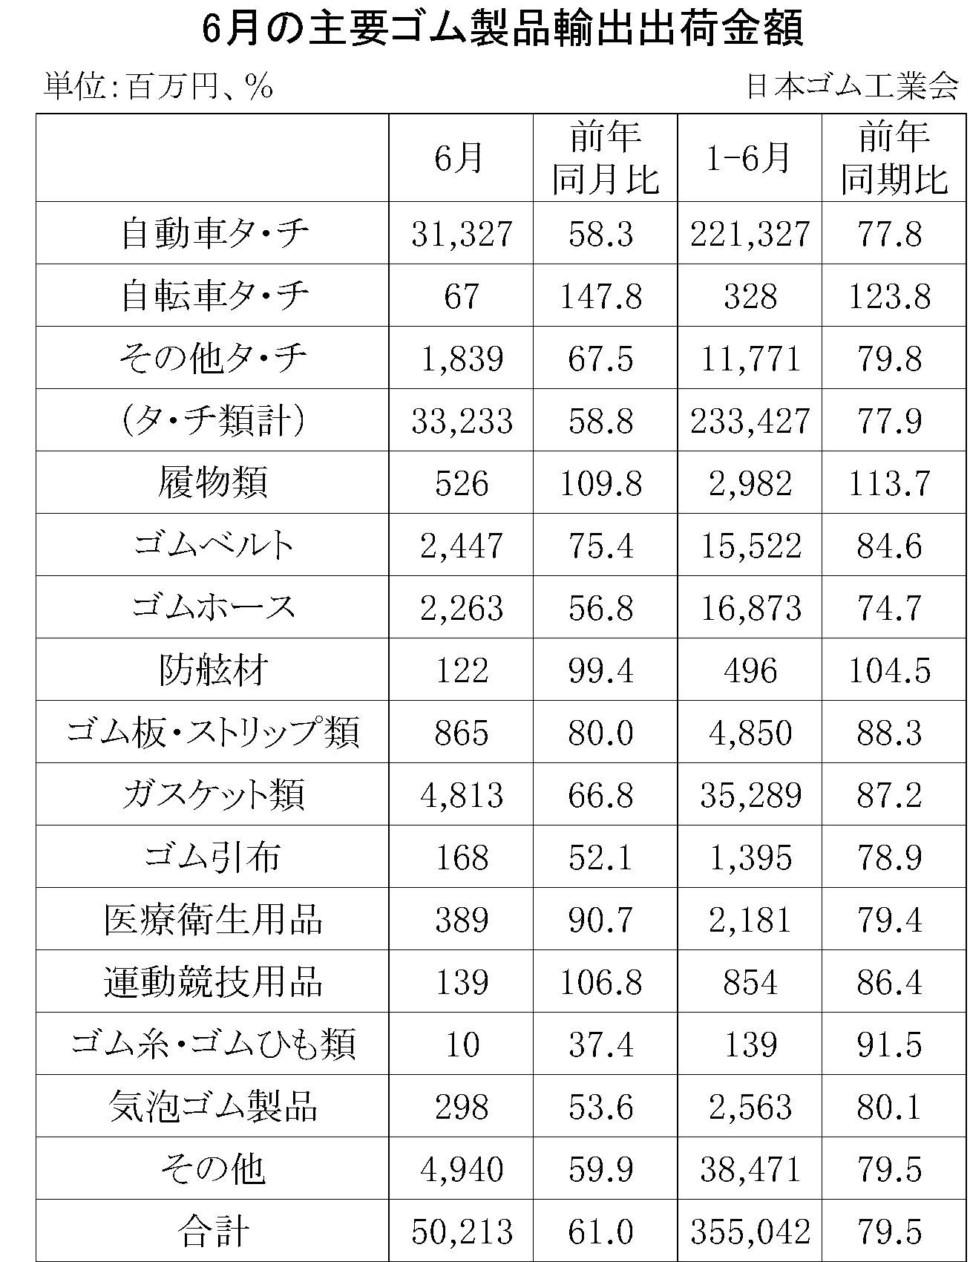 6月のゴム製品輸出